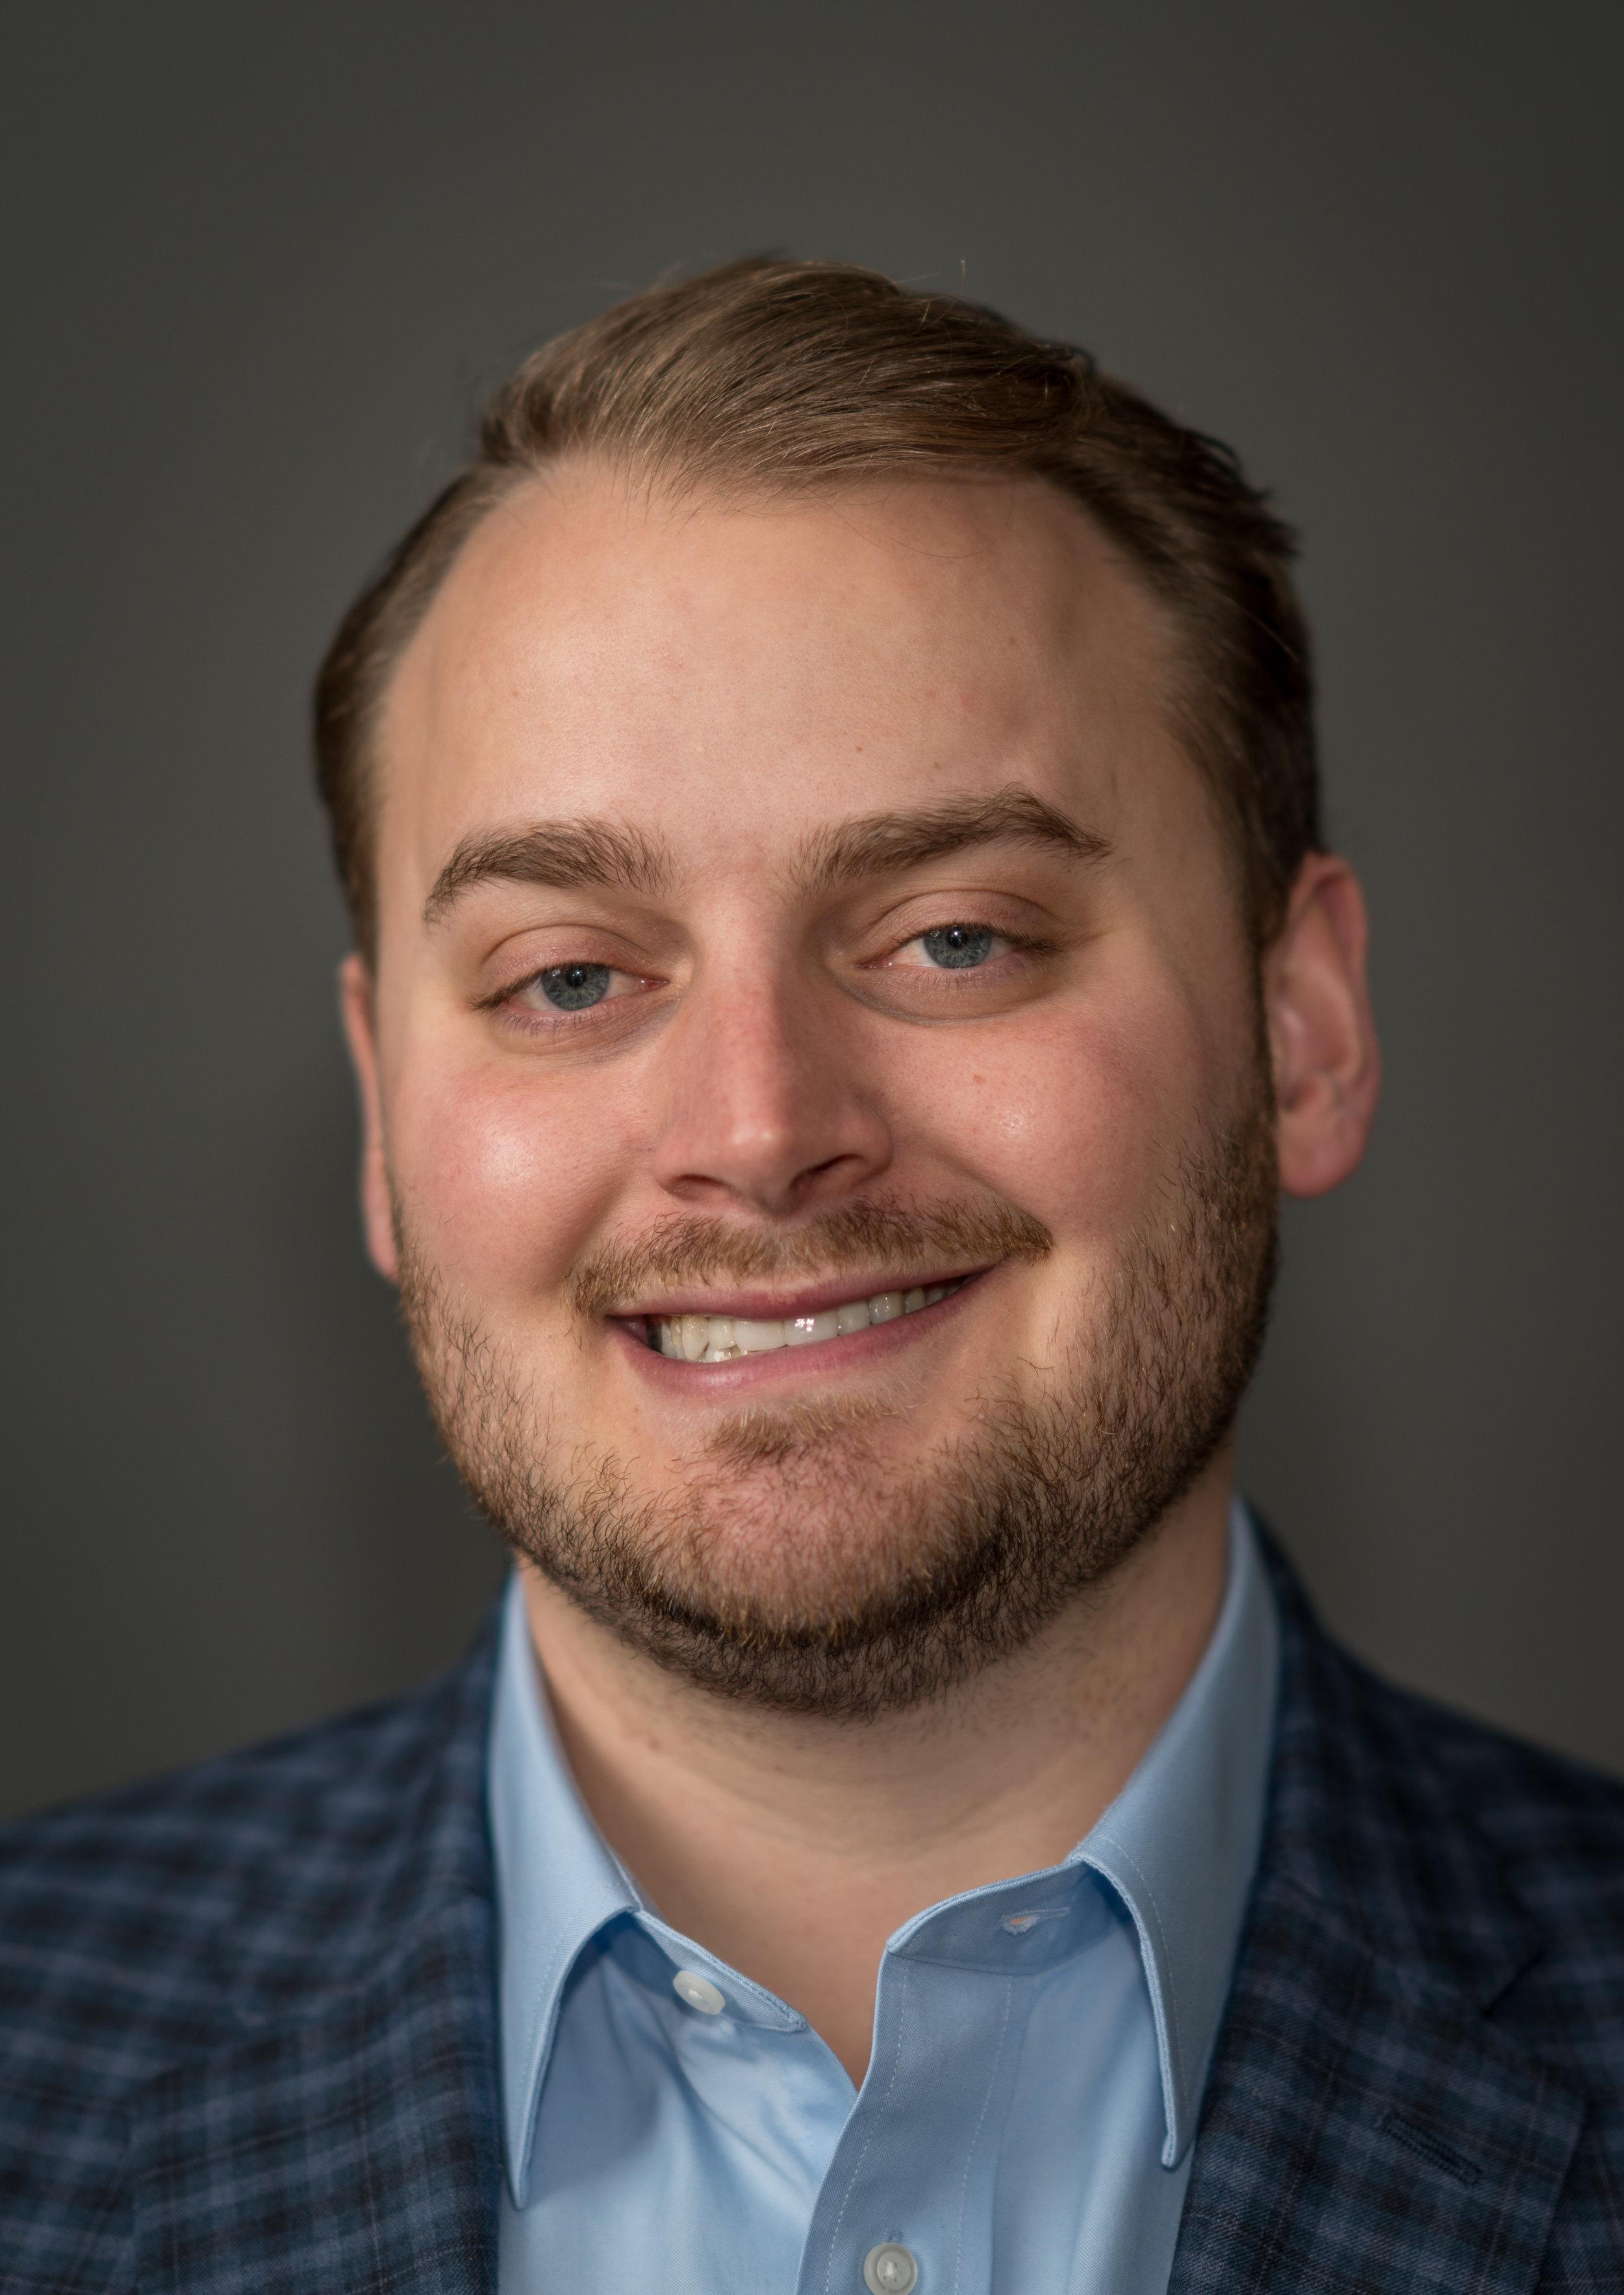 Matt Rauhauser